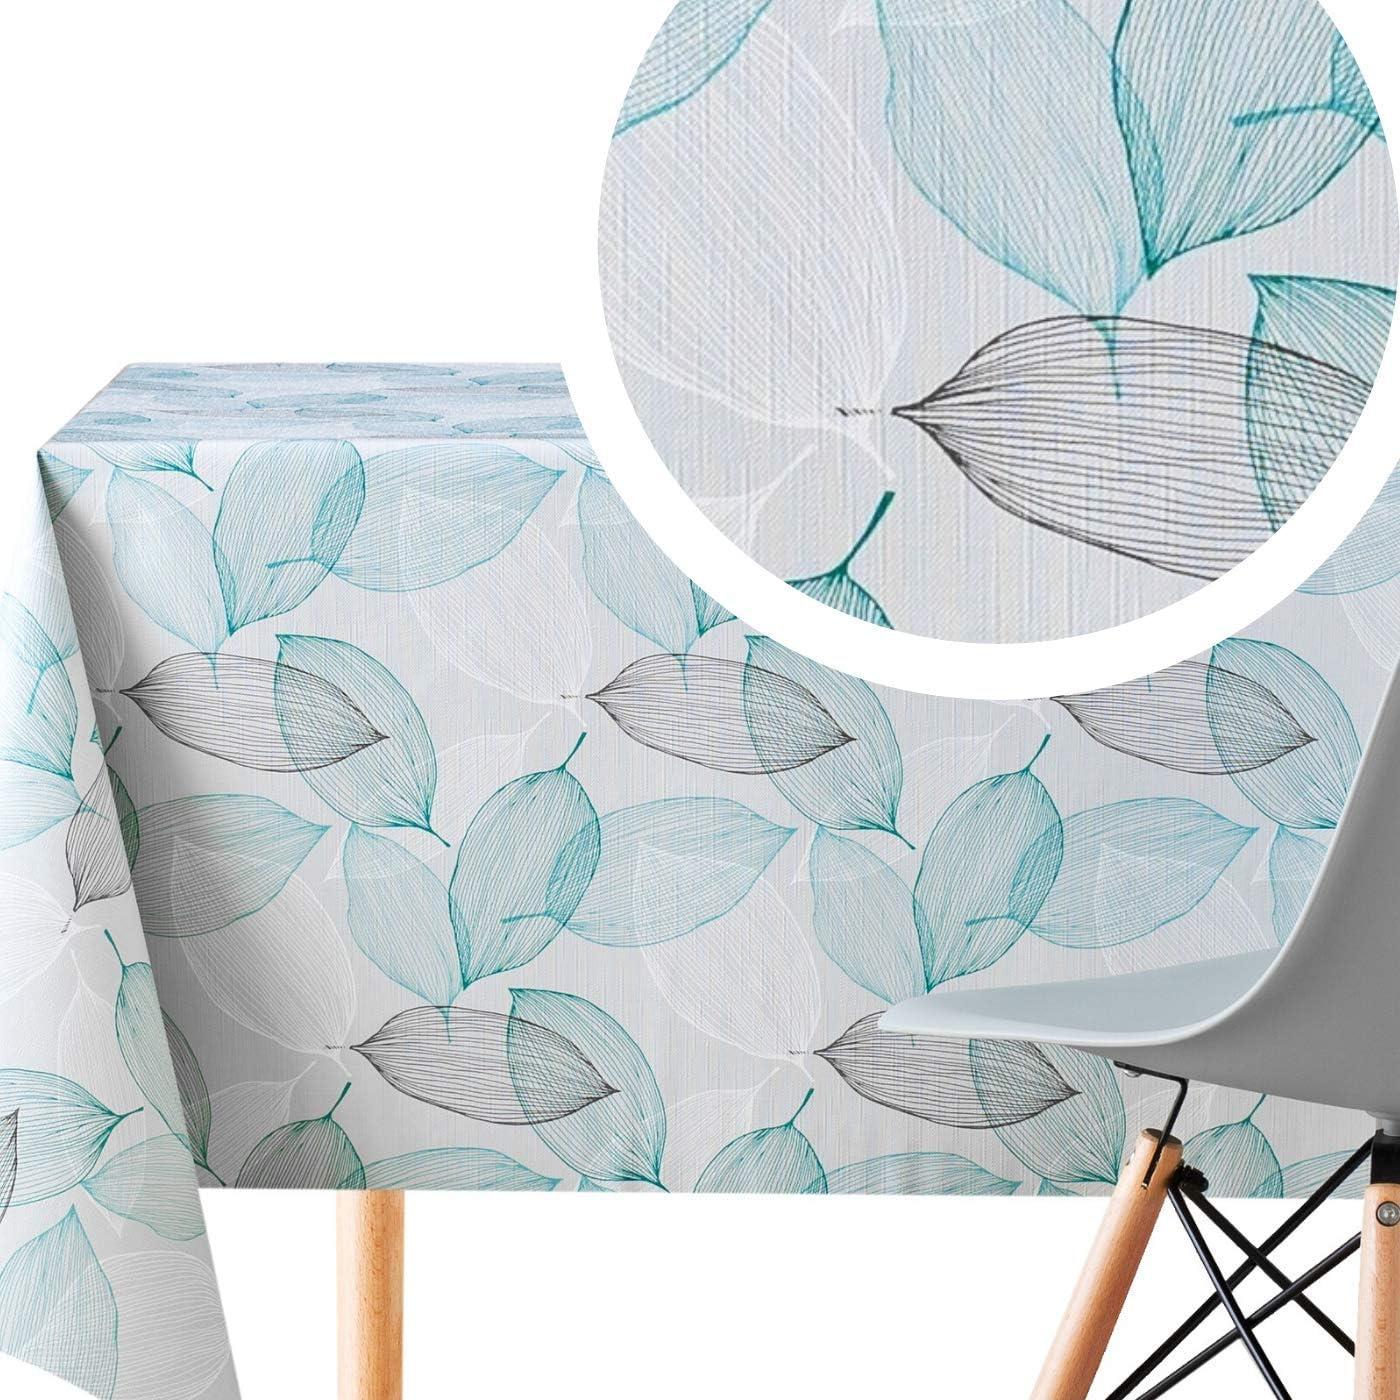 KP Home Manteles Hule Modernos Hojas Gris y Turquesa de PVC Fácil de Limpiar - 200 x 140 cm - Mantel Rectangular de Vinilo Plástico Fácilmente Limpiable con Diseño de Hojas